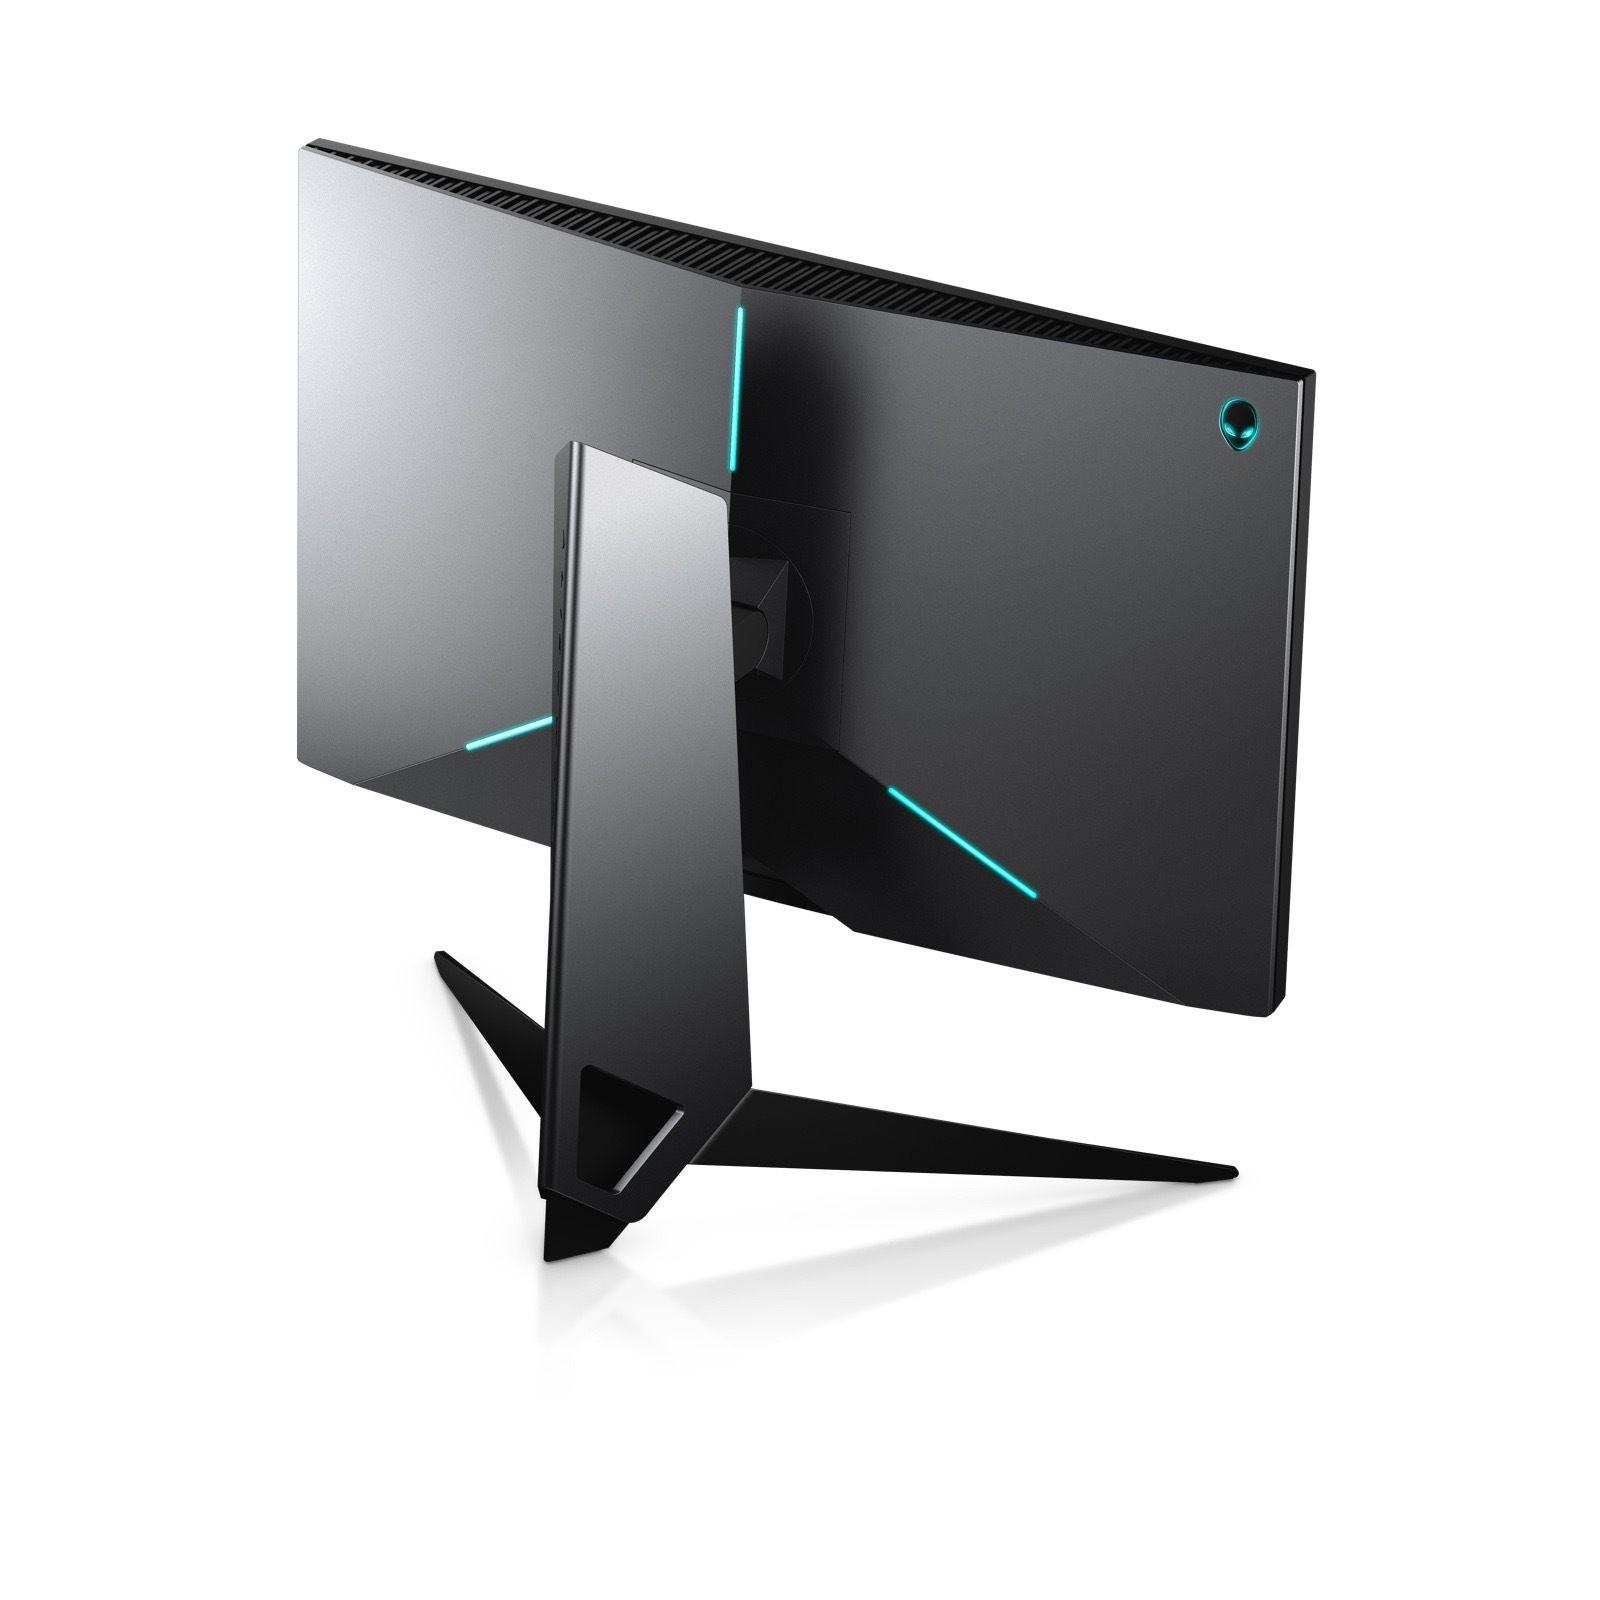 Dell Alienware Area-51 SX2210 Monitor Driver for Windows